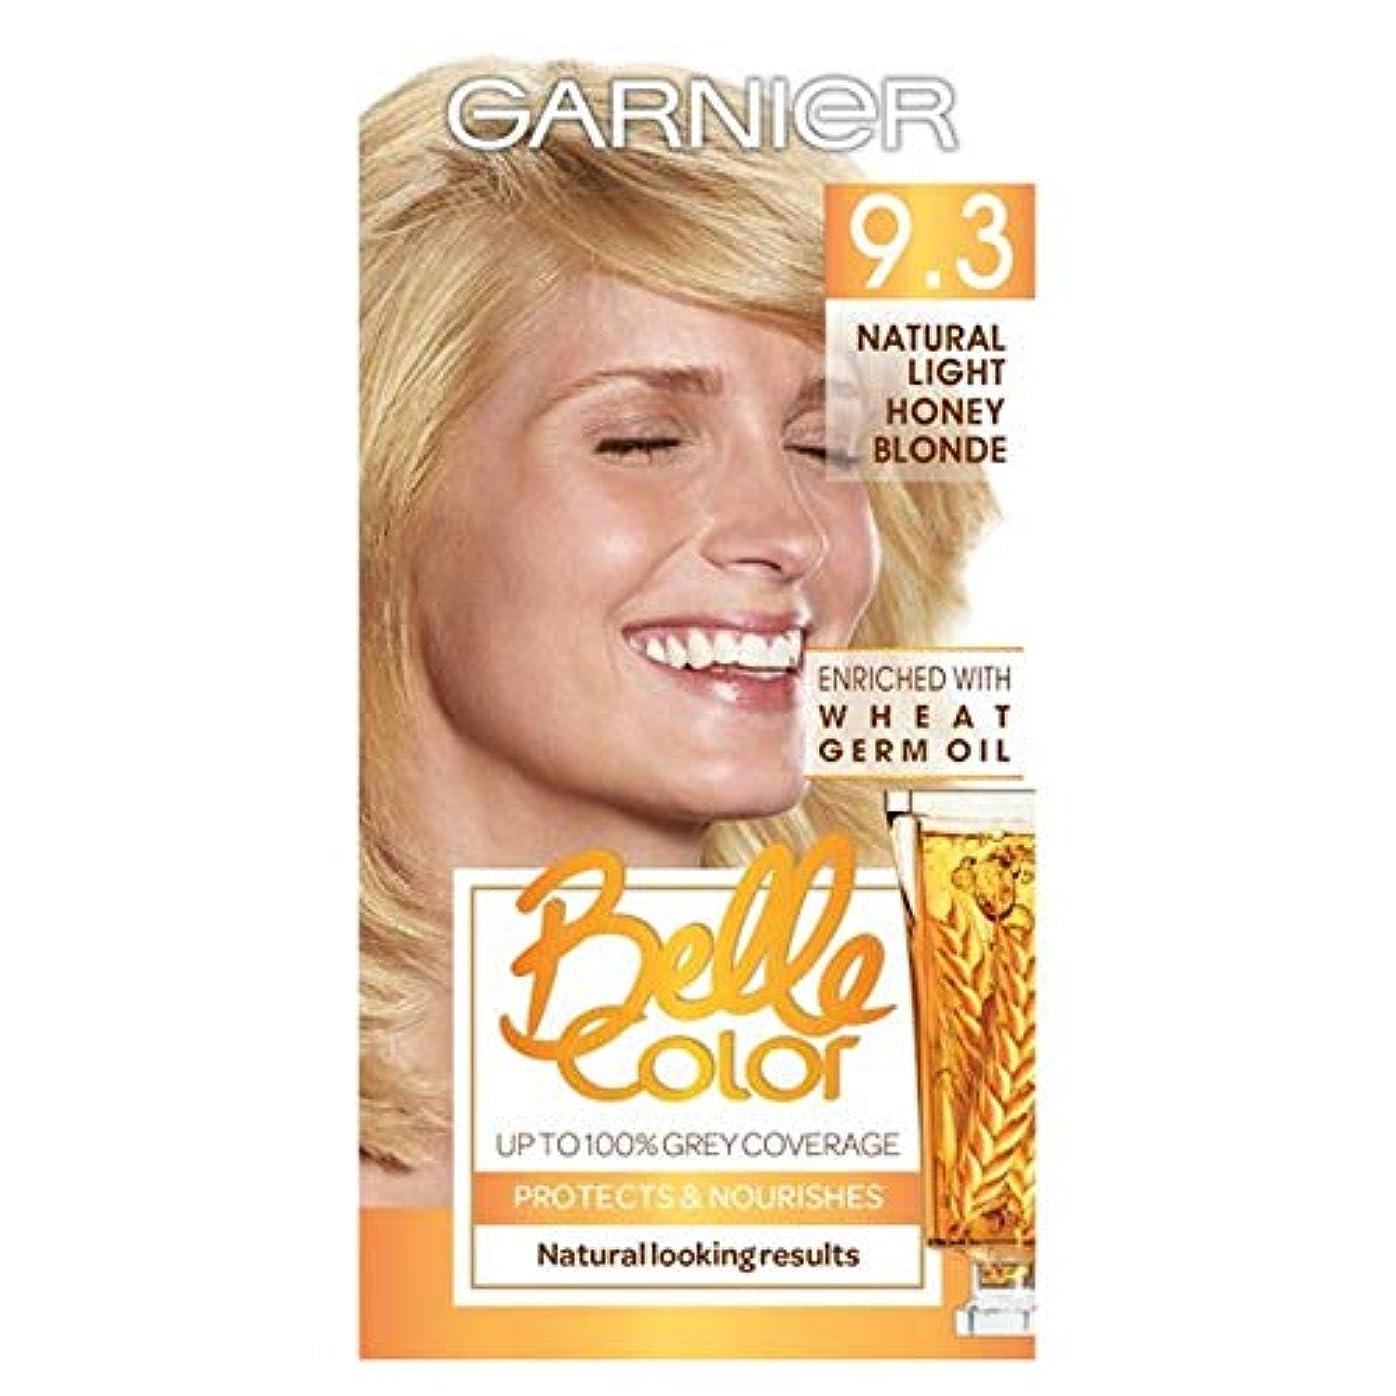 紀元前だらしない細分化する[Belle Color] ガーン/ベル/Clr 9.3自然光の蜂蜜ブロンドパーマネントヘアダイ - Garn/Bel/Clr 9.3 Natural Light Honey Blonde Permanent Hair...